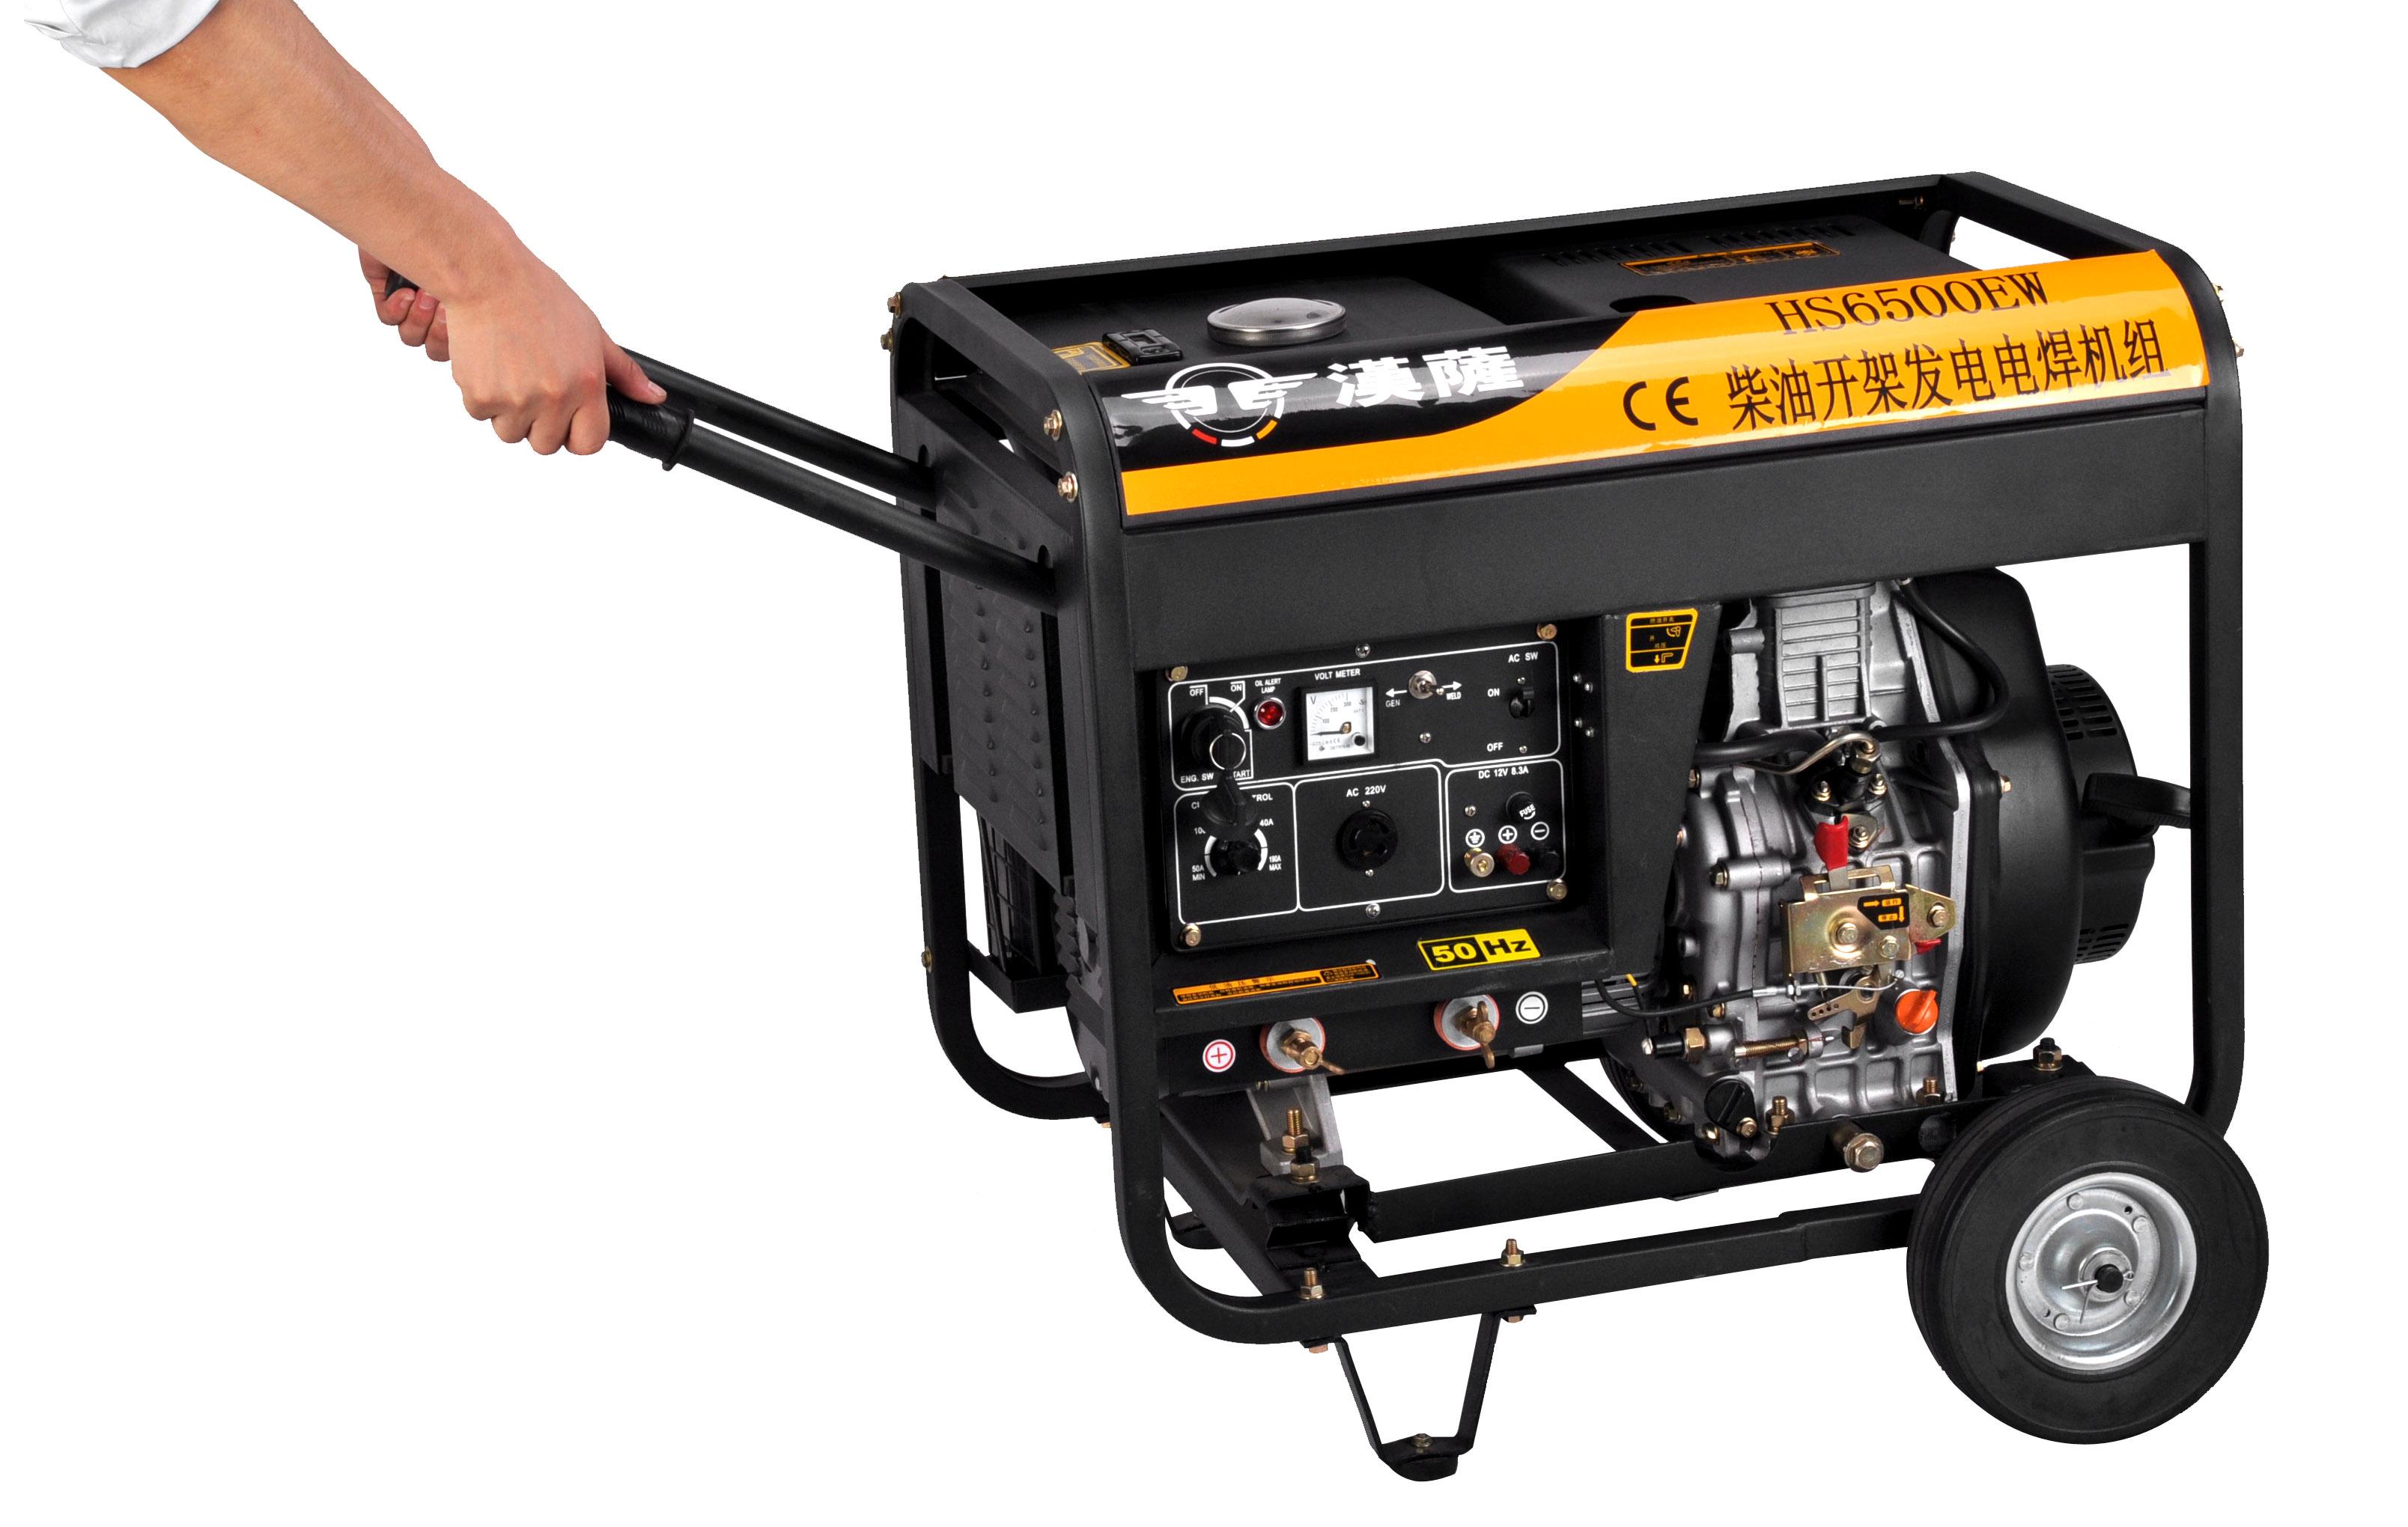 190A柴油发电电焊一体机——HS6500EW